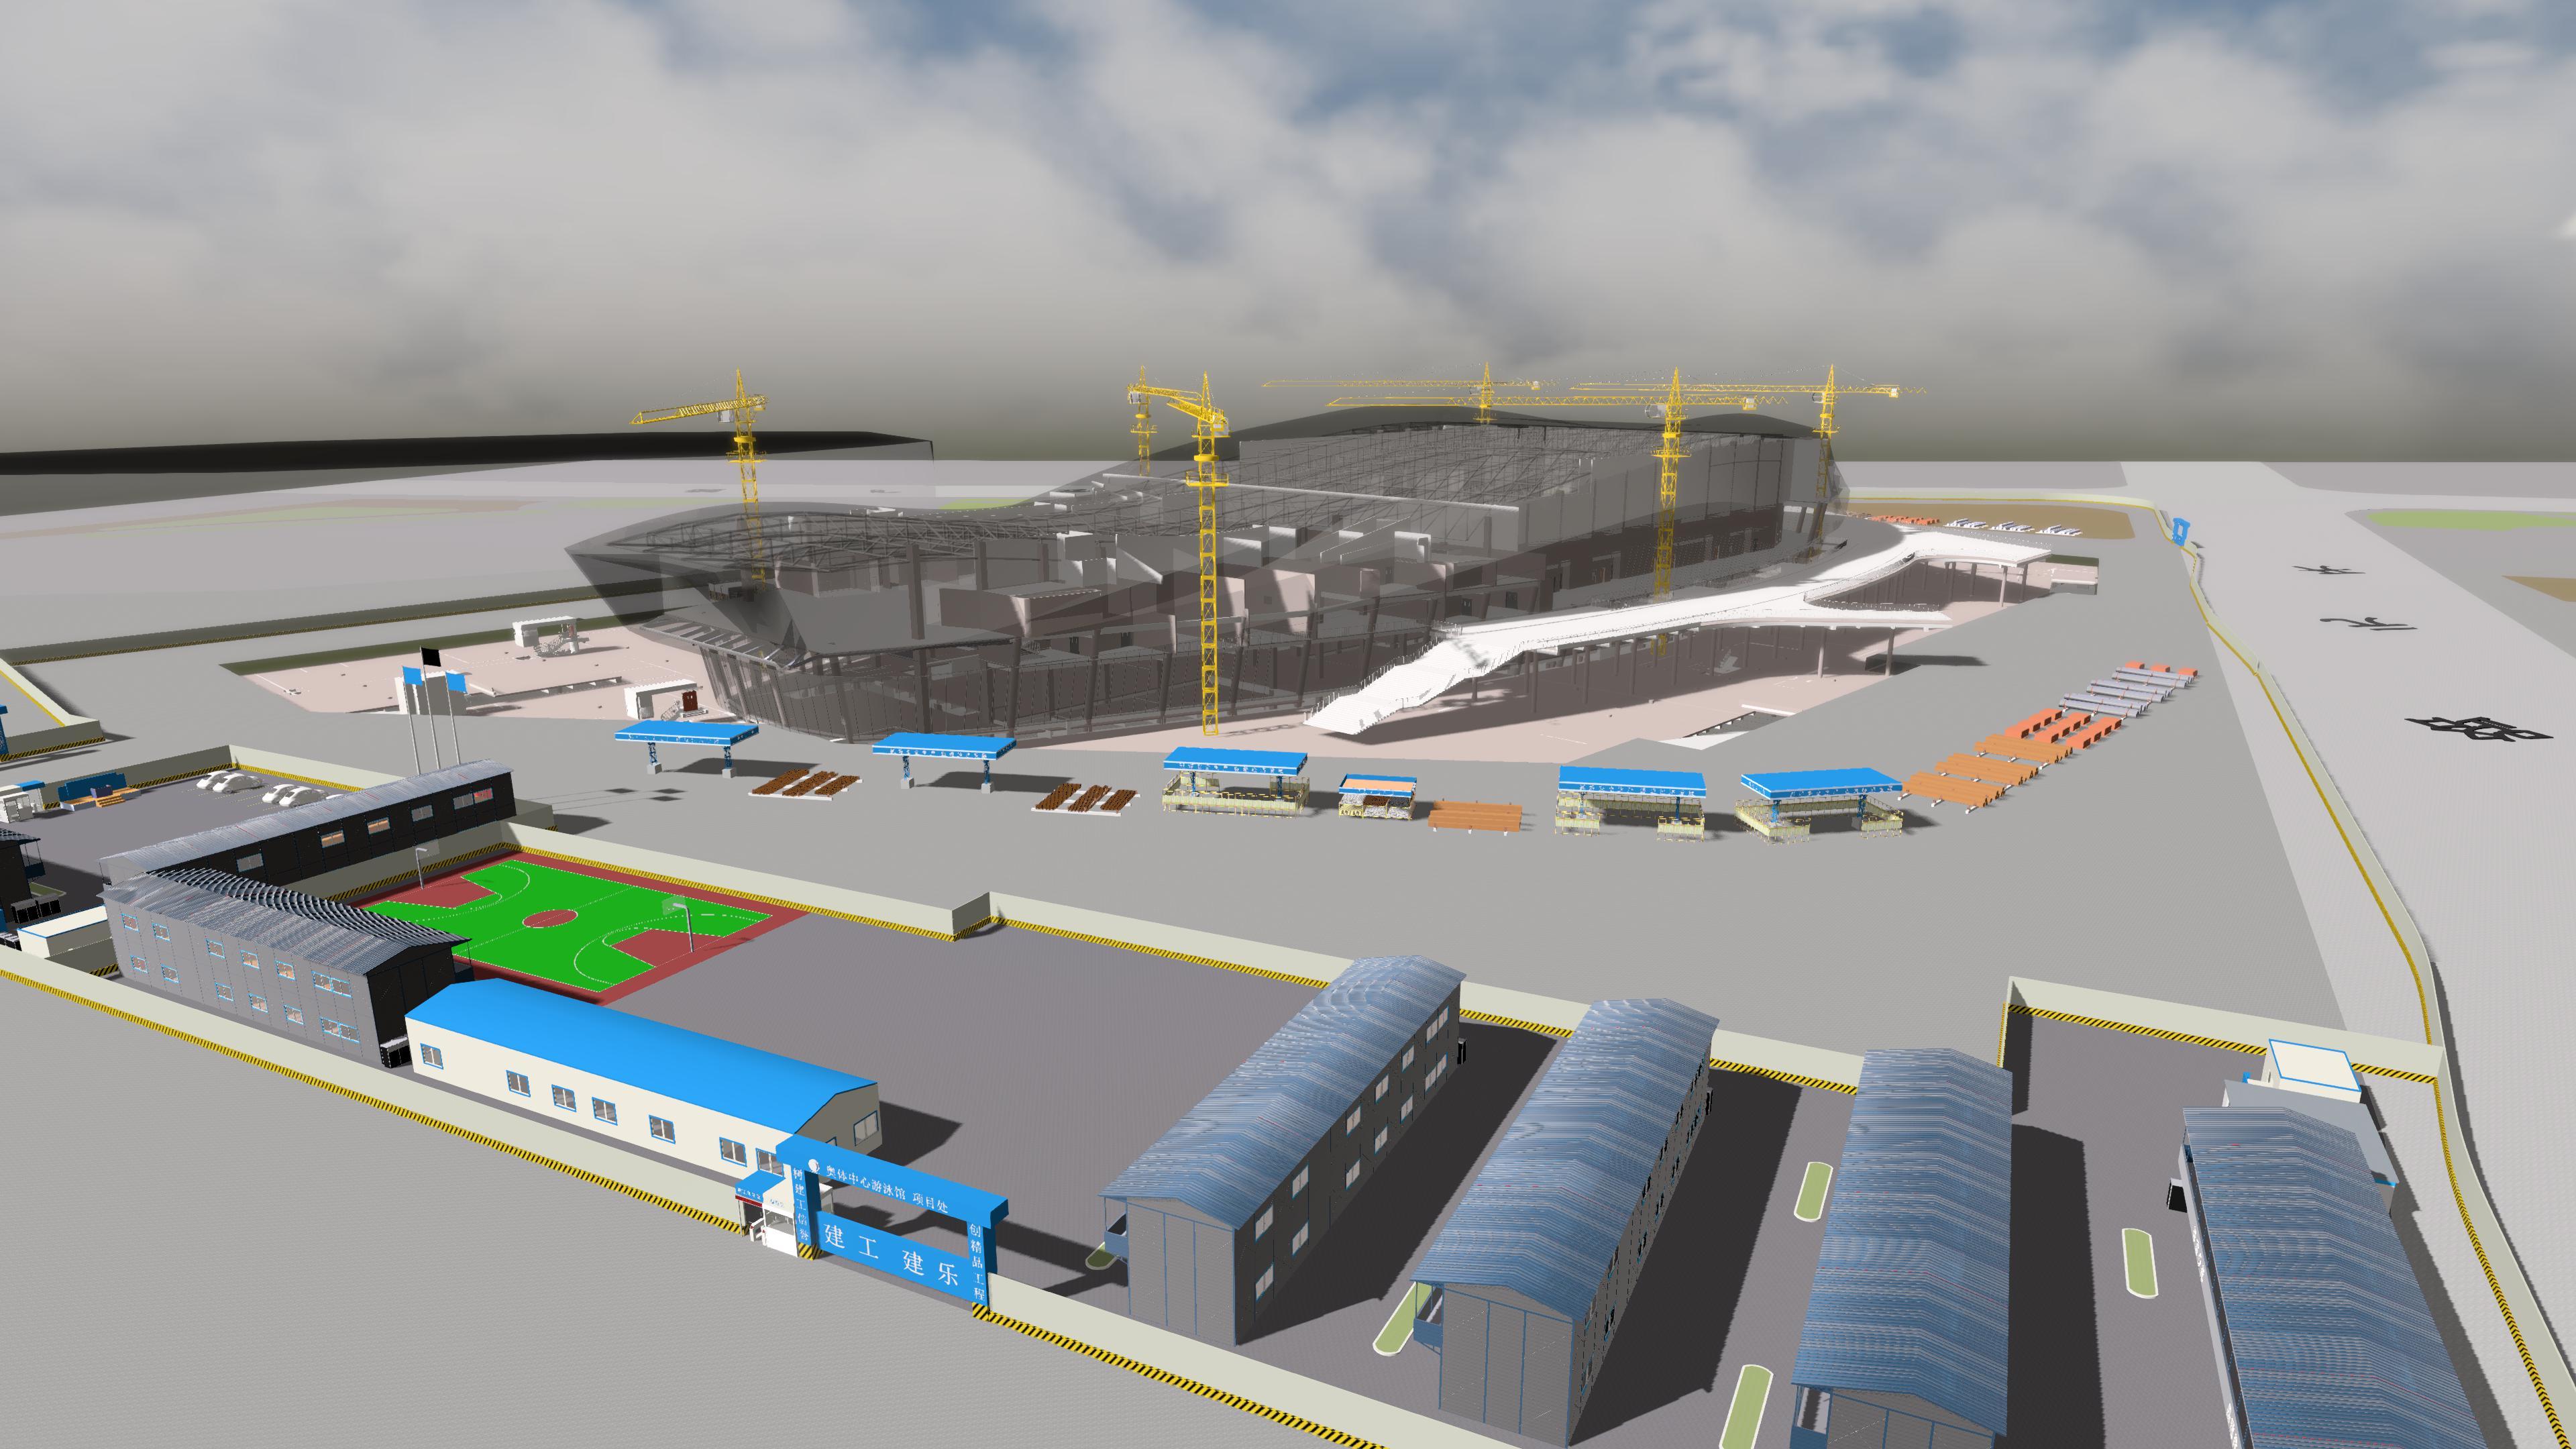 宁波建工建乐工程有限公司蔡岳松的宁波奥体中心项目图片